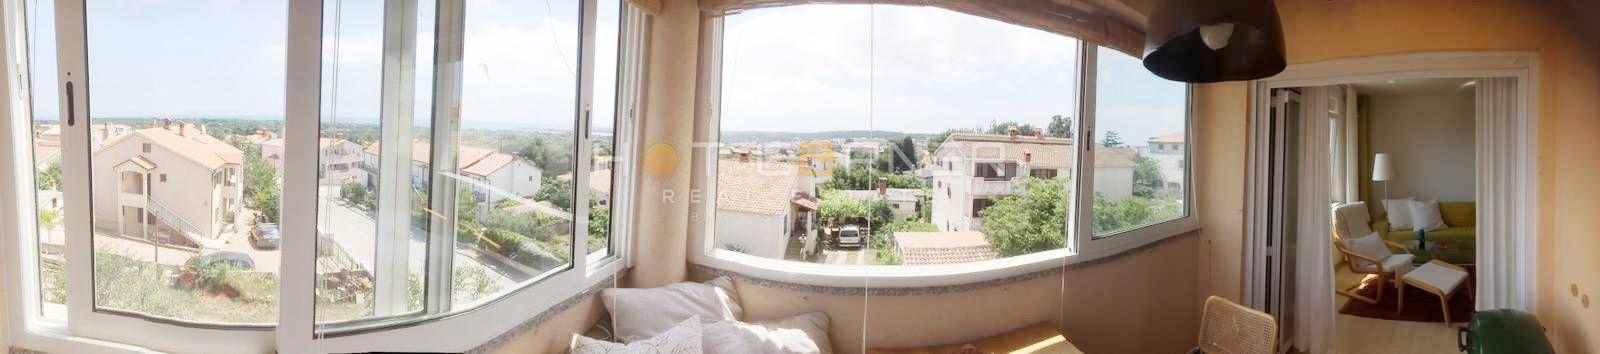 Ližnjan, apartman sa prekrasnim pogledom na more